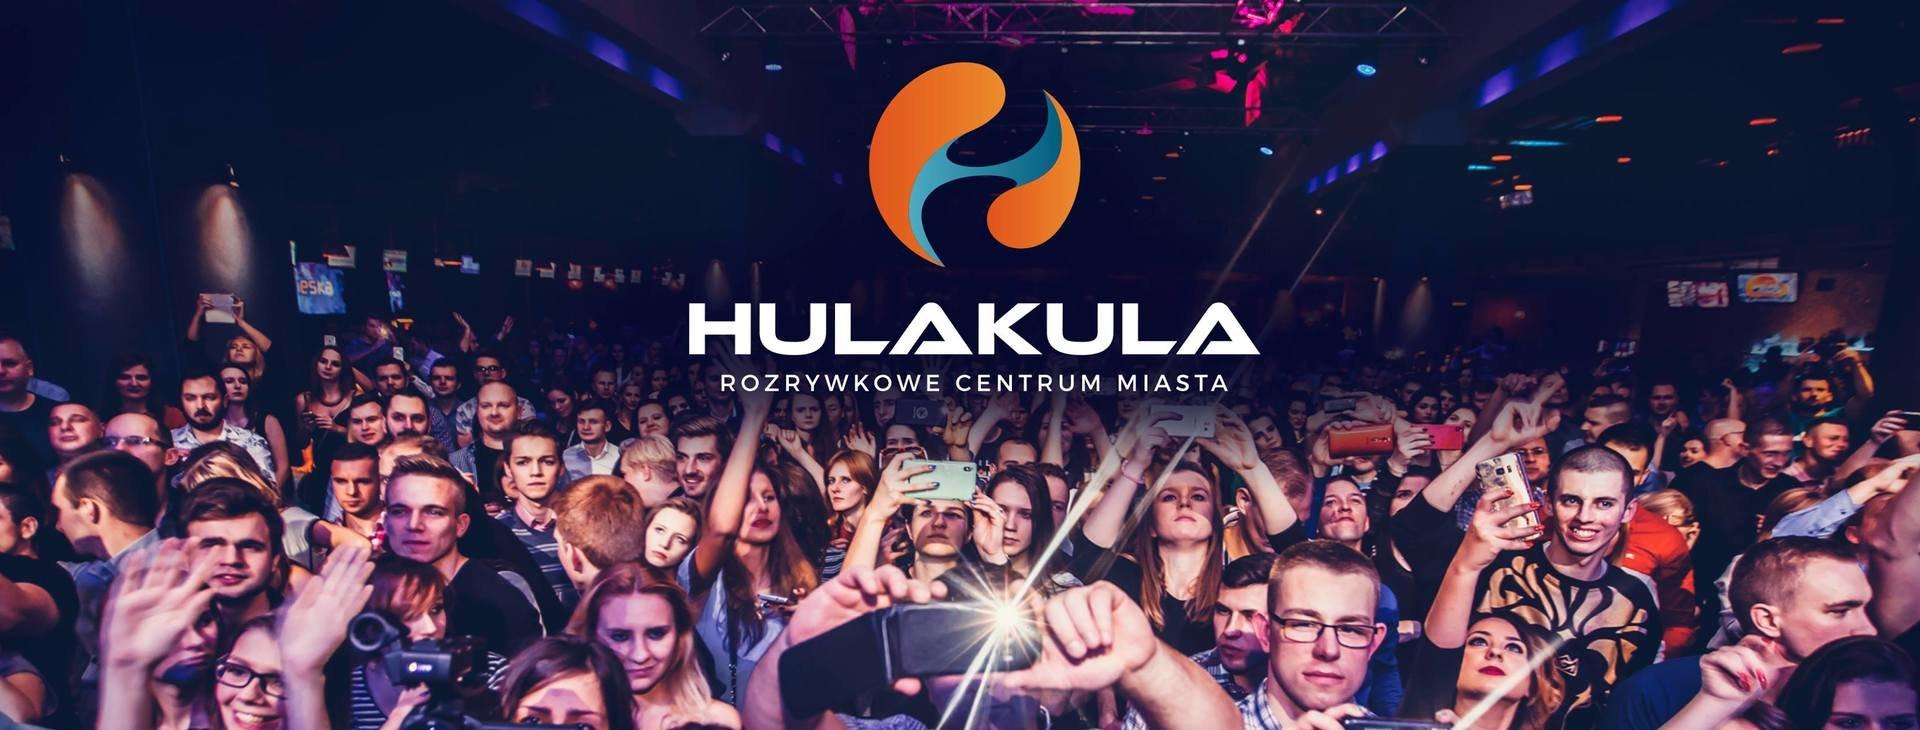 Długi sierpniowy weekend – imprezowo w Hulakula!